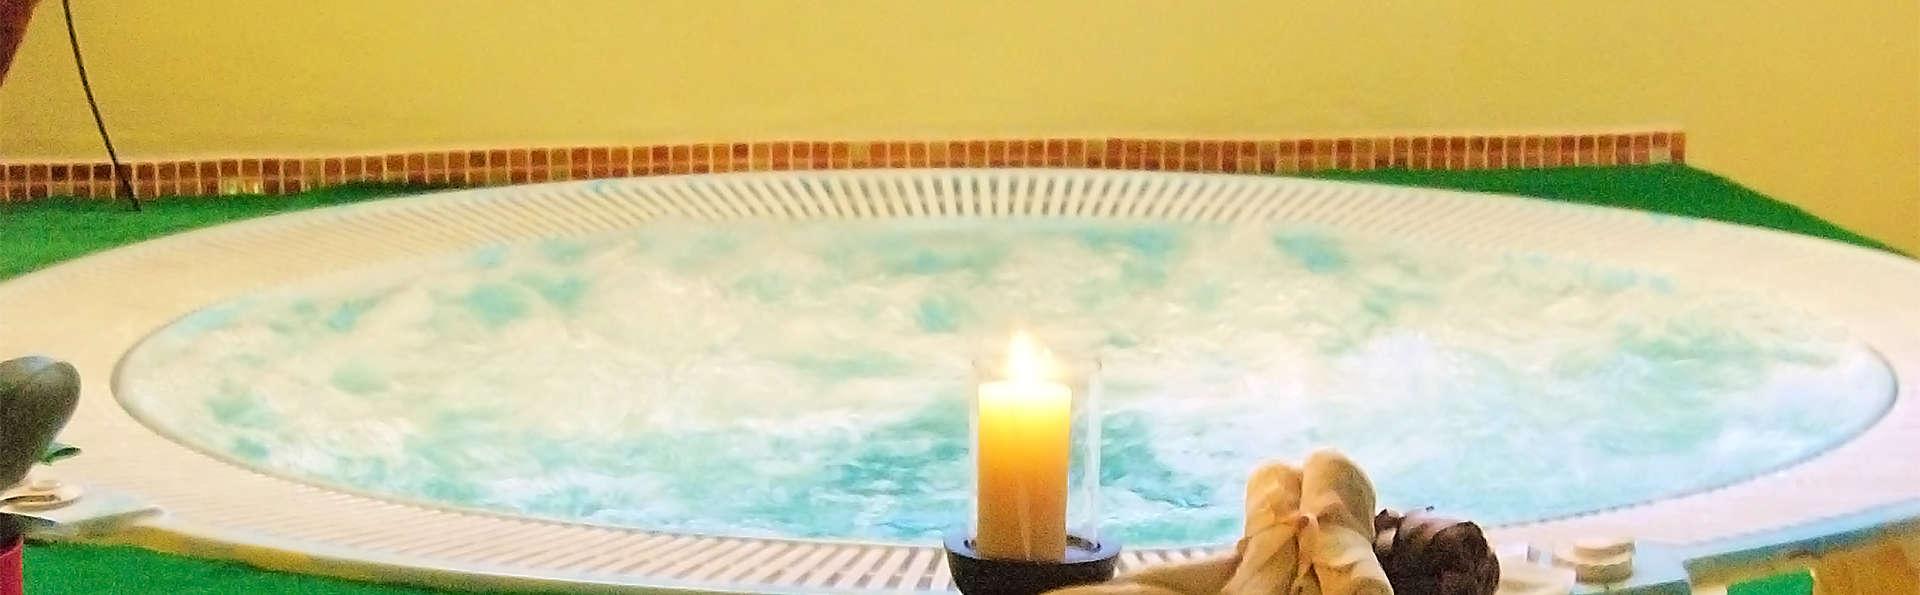 Week-end romantique avec dîner et spa privé à Salamanque